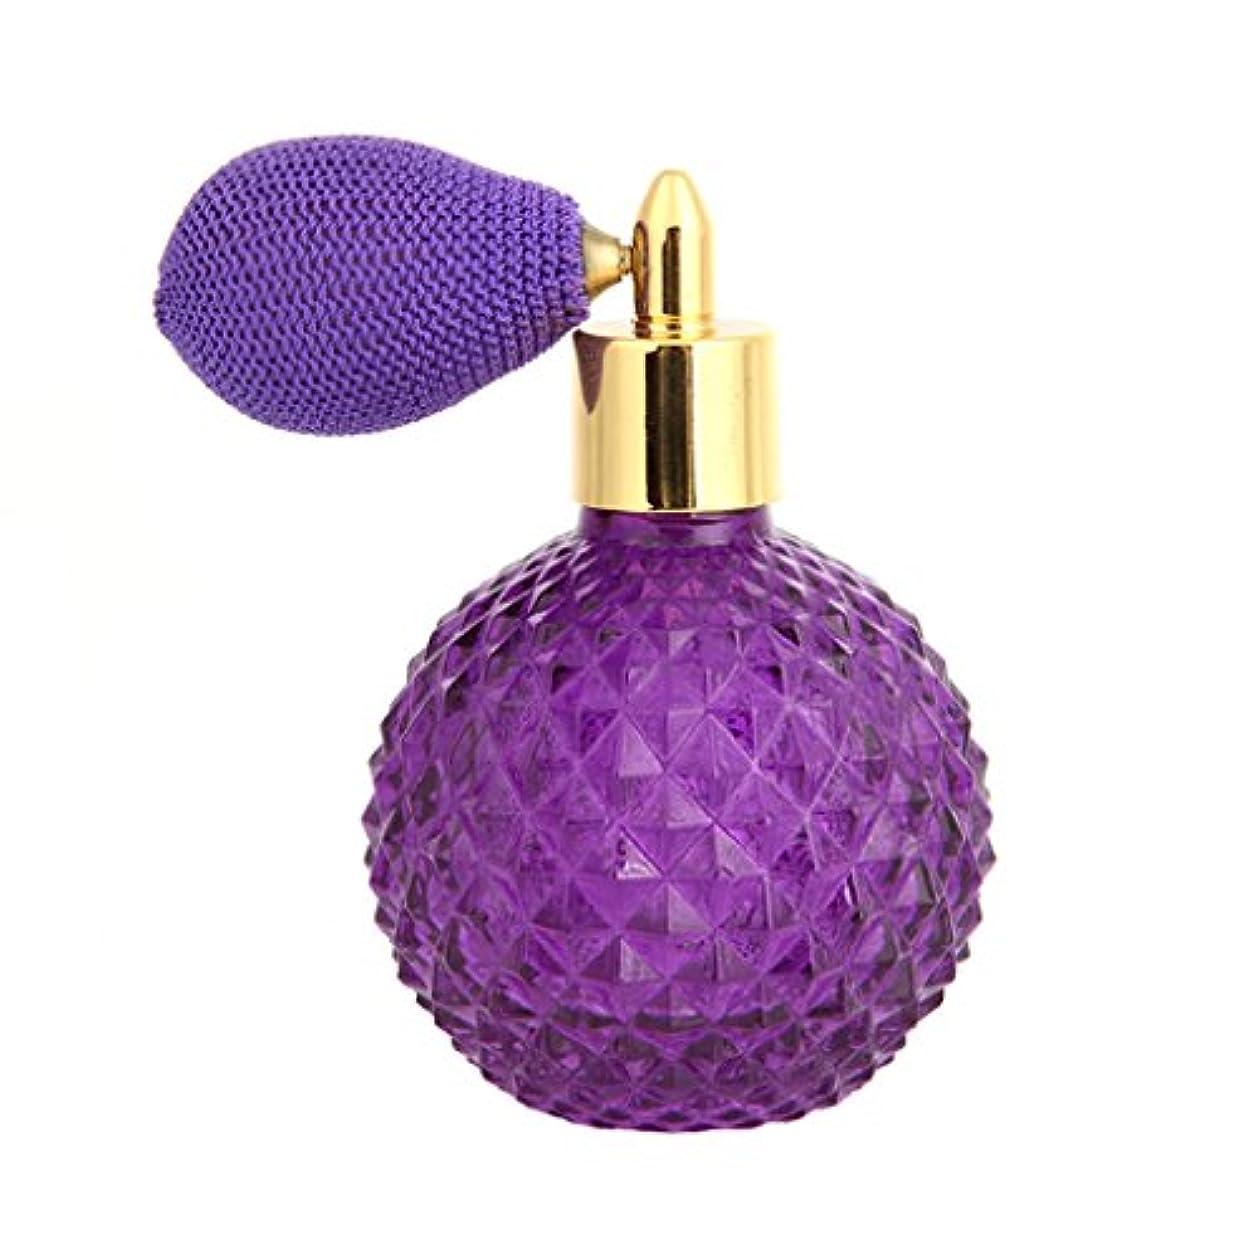 するだろう座標復活するDabixx 女性ヴィンテージ香水瓶ショートスプレーアトマイザー詰め替え空のグラス100ミリリットル - 紫の